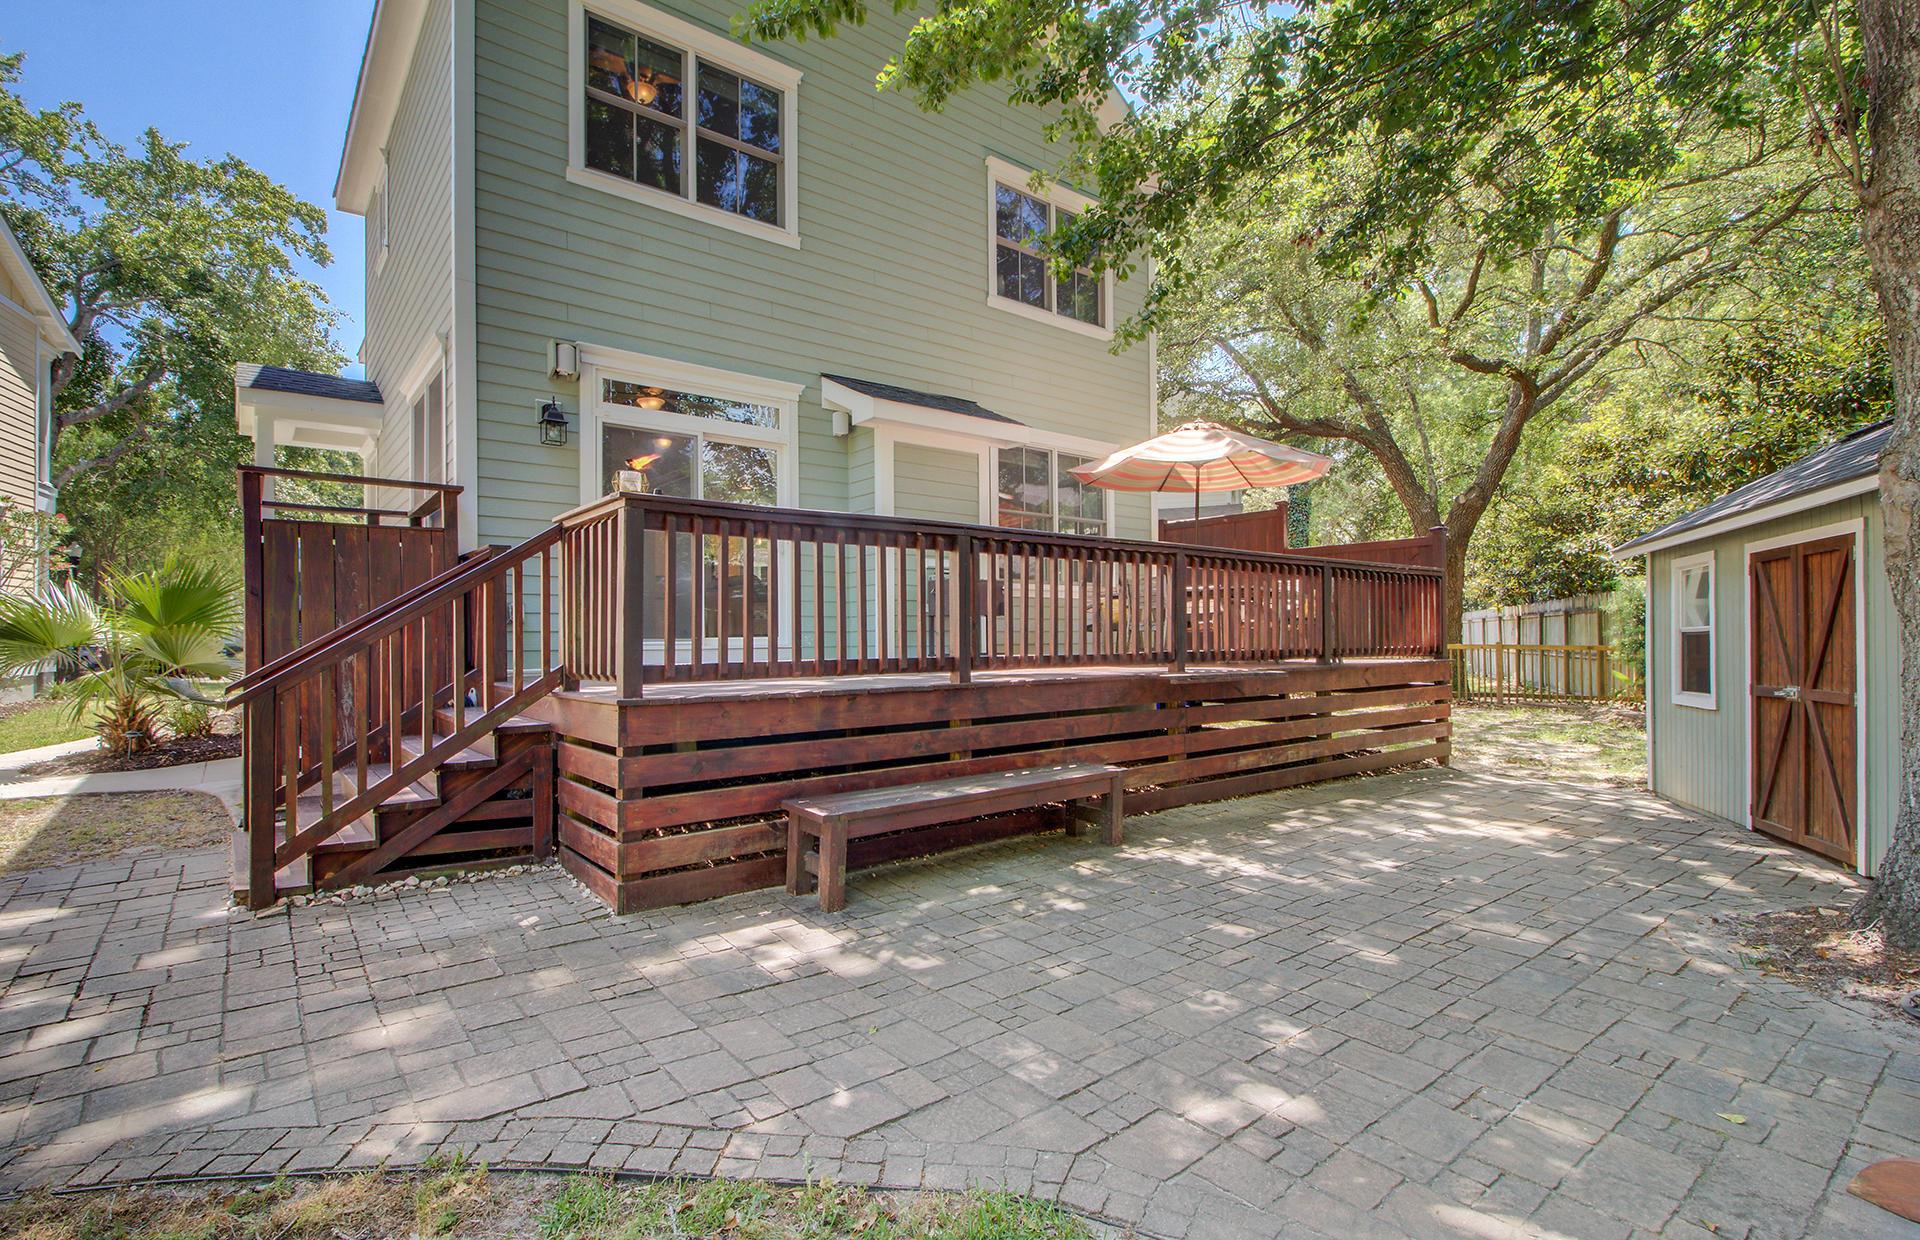 Phillips Park Homes For Sale - 1129 Phillips Park, Mount Pleasant, SC - 21